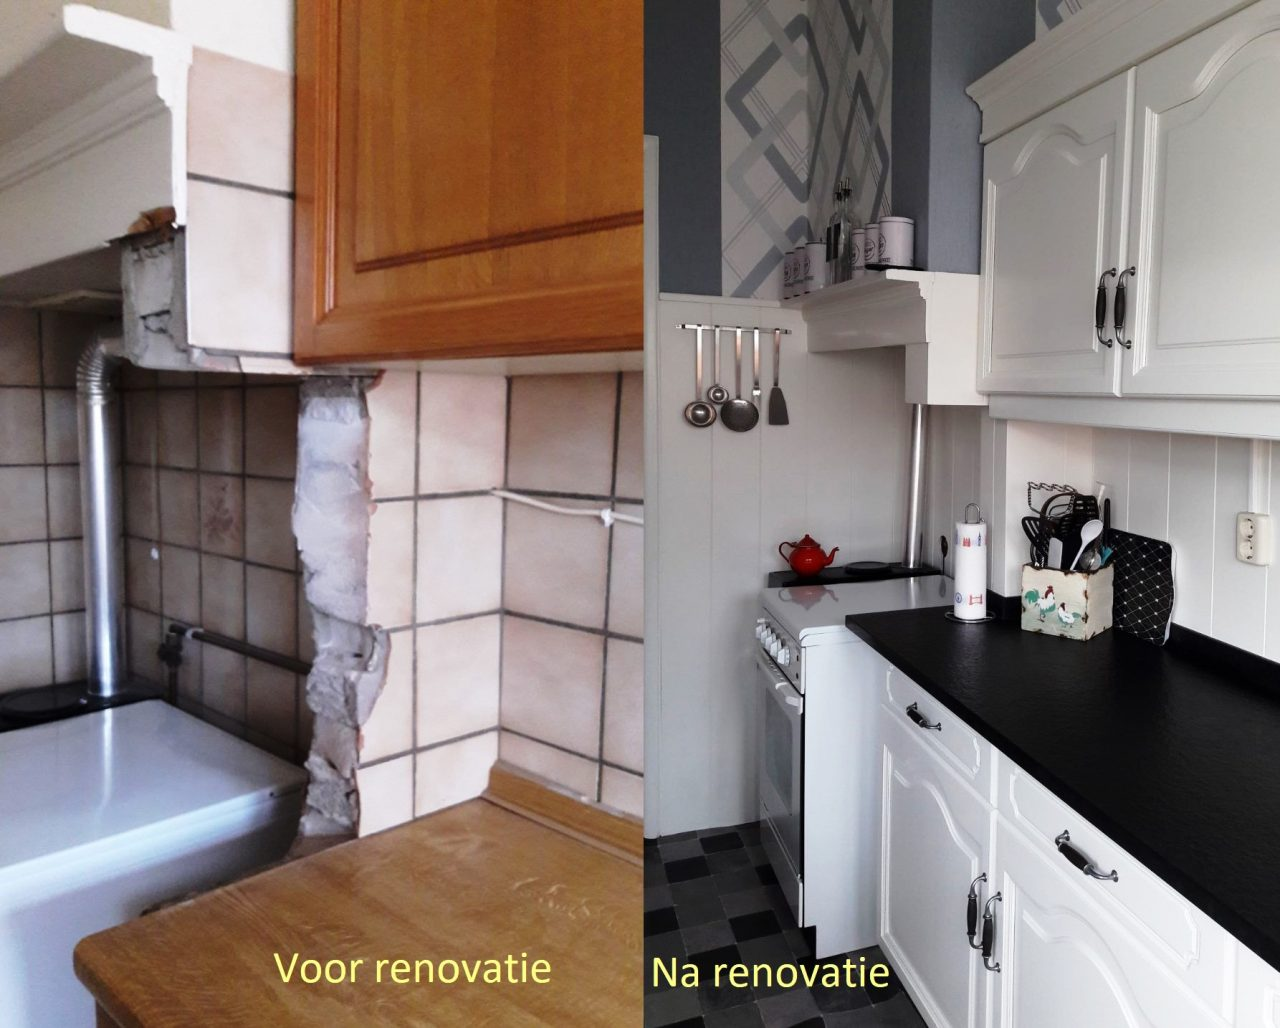 Keuken renovatie met een granieten werkblad, een nieuwe nostalgische kraan en een vlakinbouw rvs spoelbak.